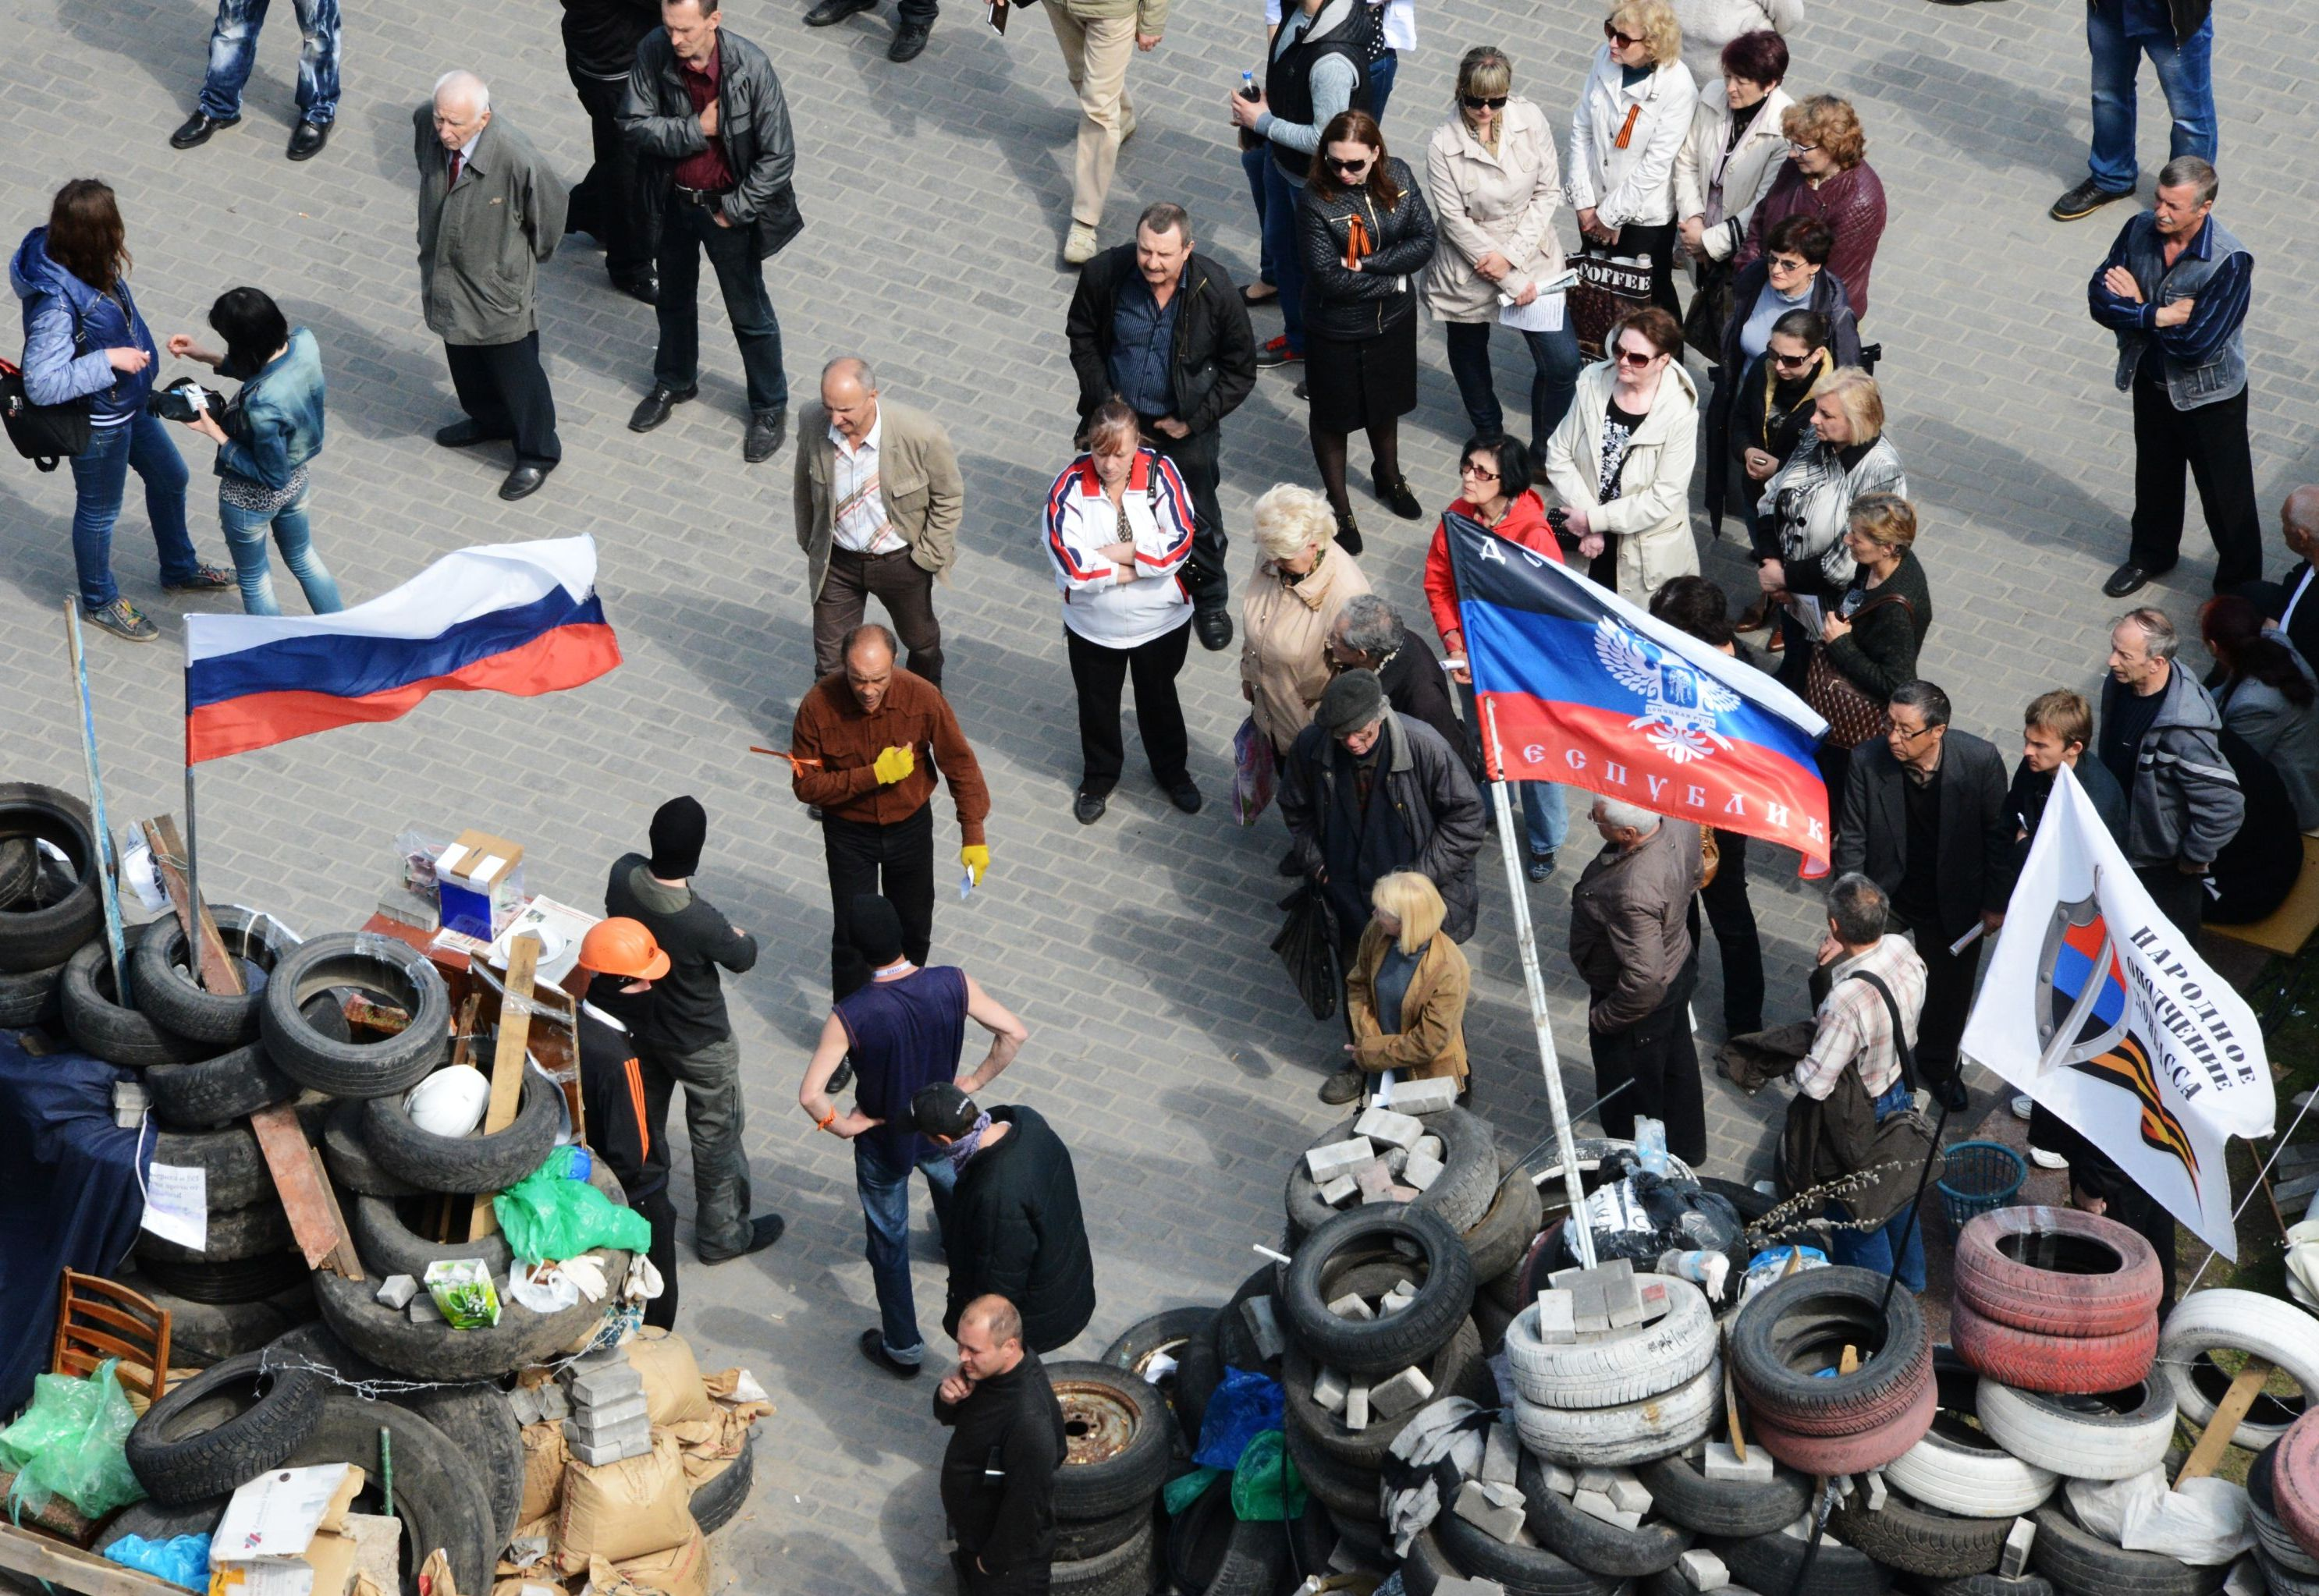 Сторонники федерализации на площади у окруженного баррикадами здания областной государственной администрации города Донецка.